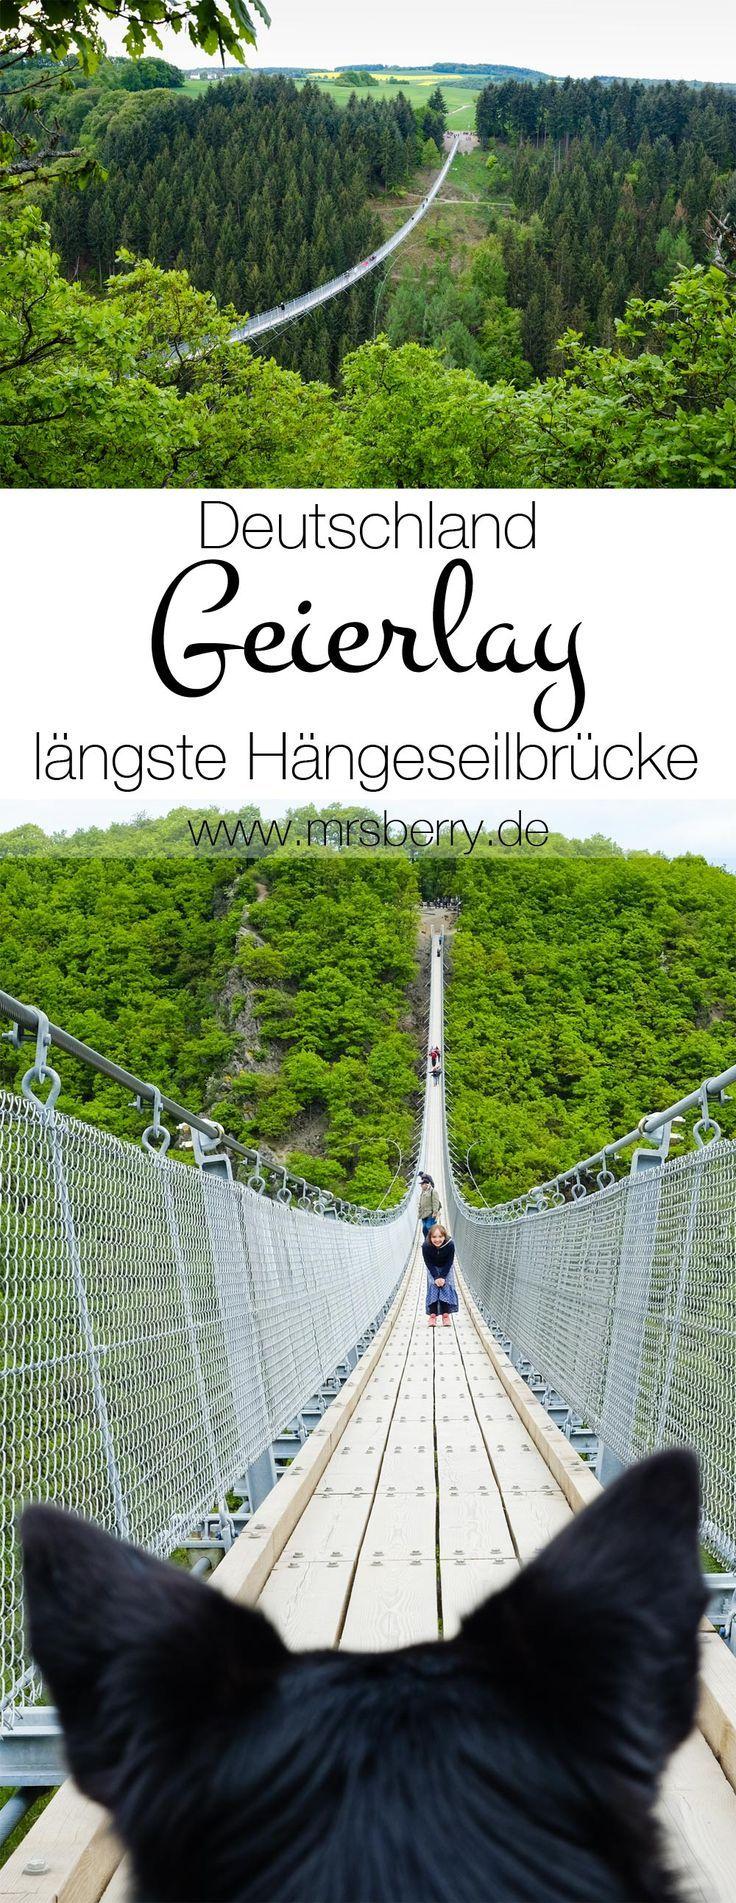 Die Geierlay Brücke im Hunsrück ist mit 360 Meter die längste Hängeseilbrücke in Deutschland. Wir haben sie als Tagesausflug von Köln mit Kind und Hund besucht. Absolut sehenswert! Tipps für deinen Besuch findest du auf http://www.mrsberry.de